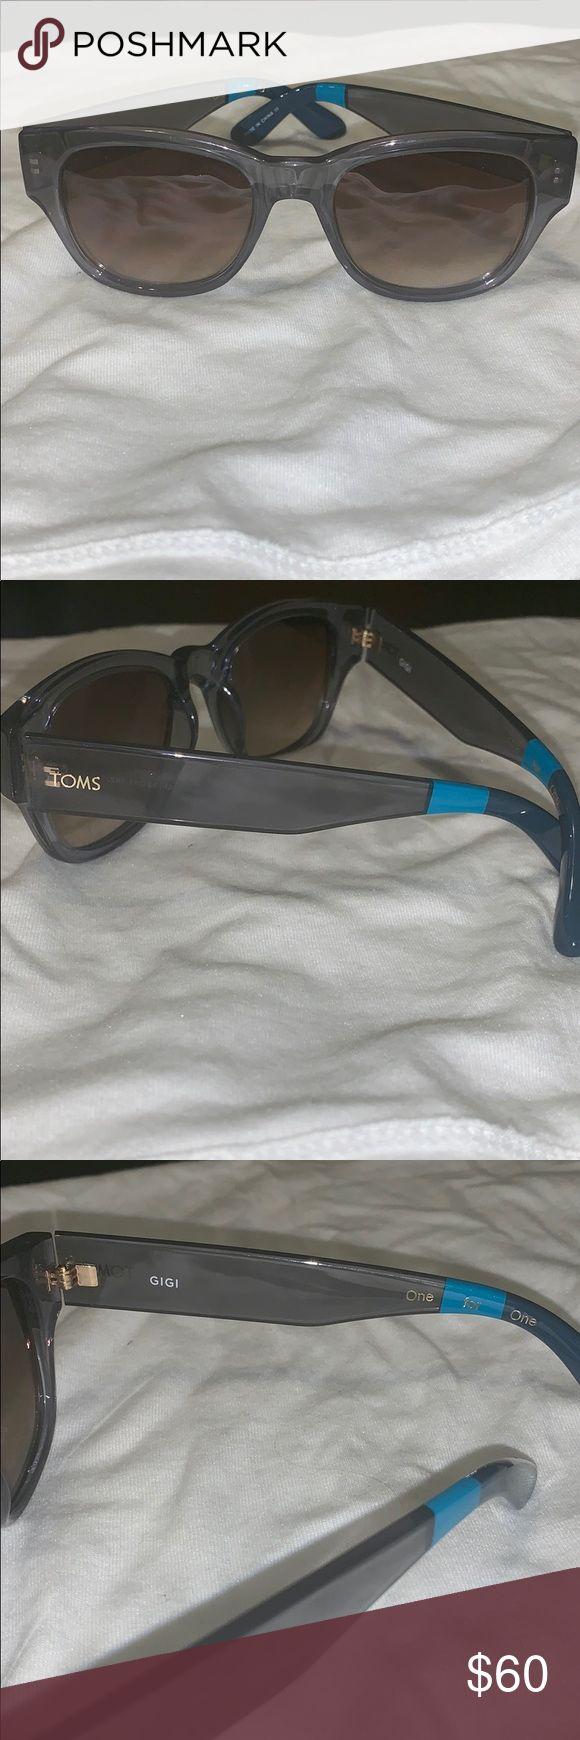 Toms Gigi Sunglasses Usada uma vez, como novos e super fofos óculos de sol Toms Gigi com …   – My Posh Picks